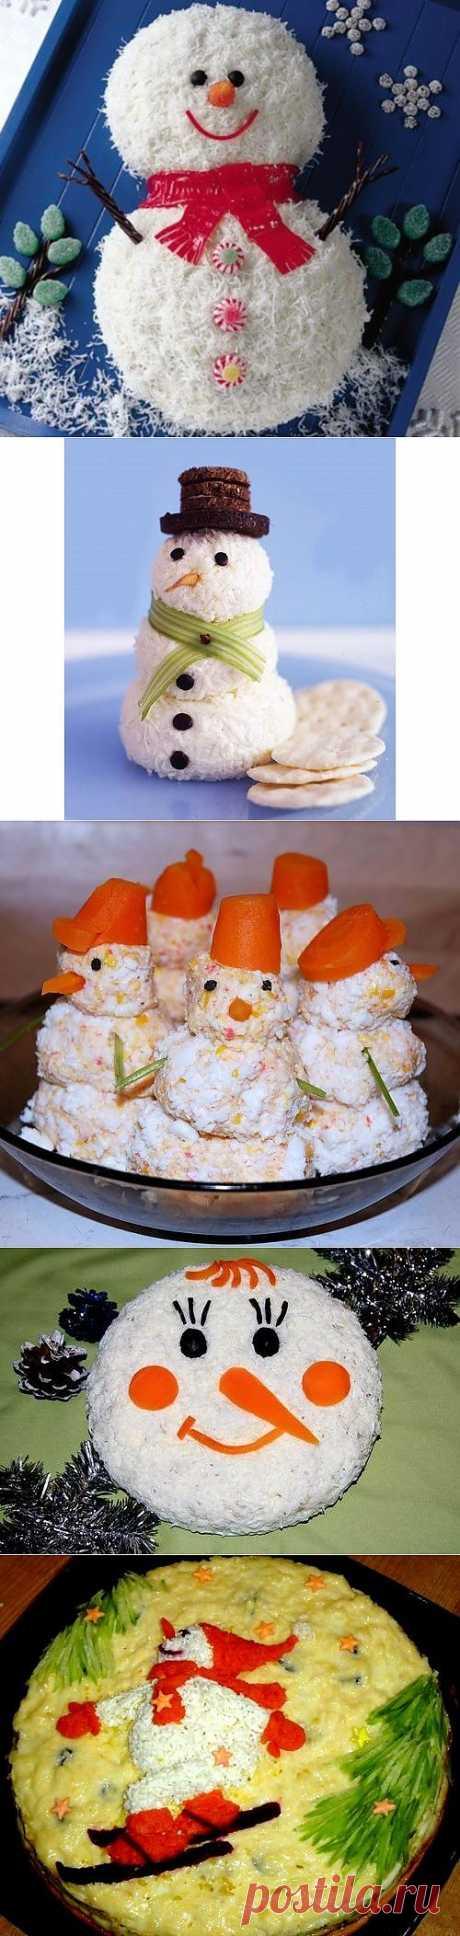 Как съесть снеговика? Салаты и закуски к Новому году / Простые рецепты